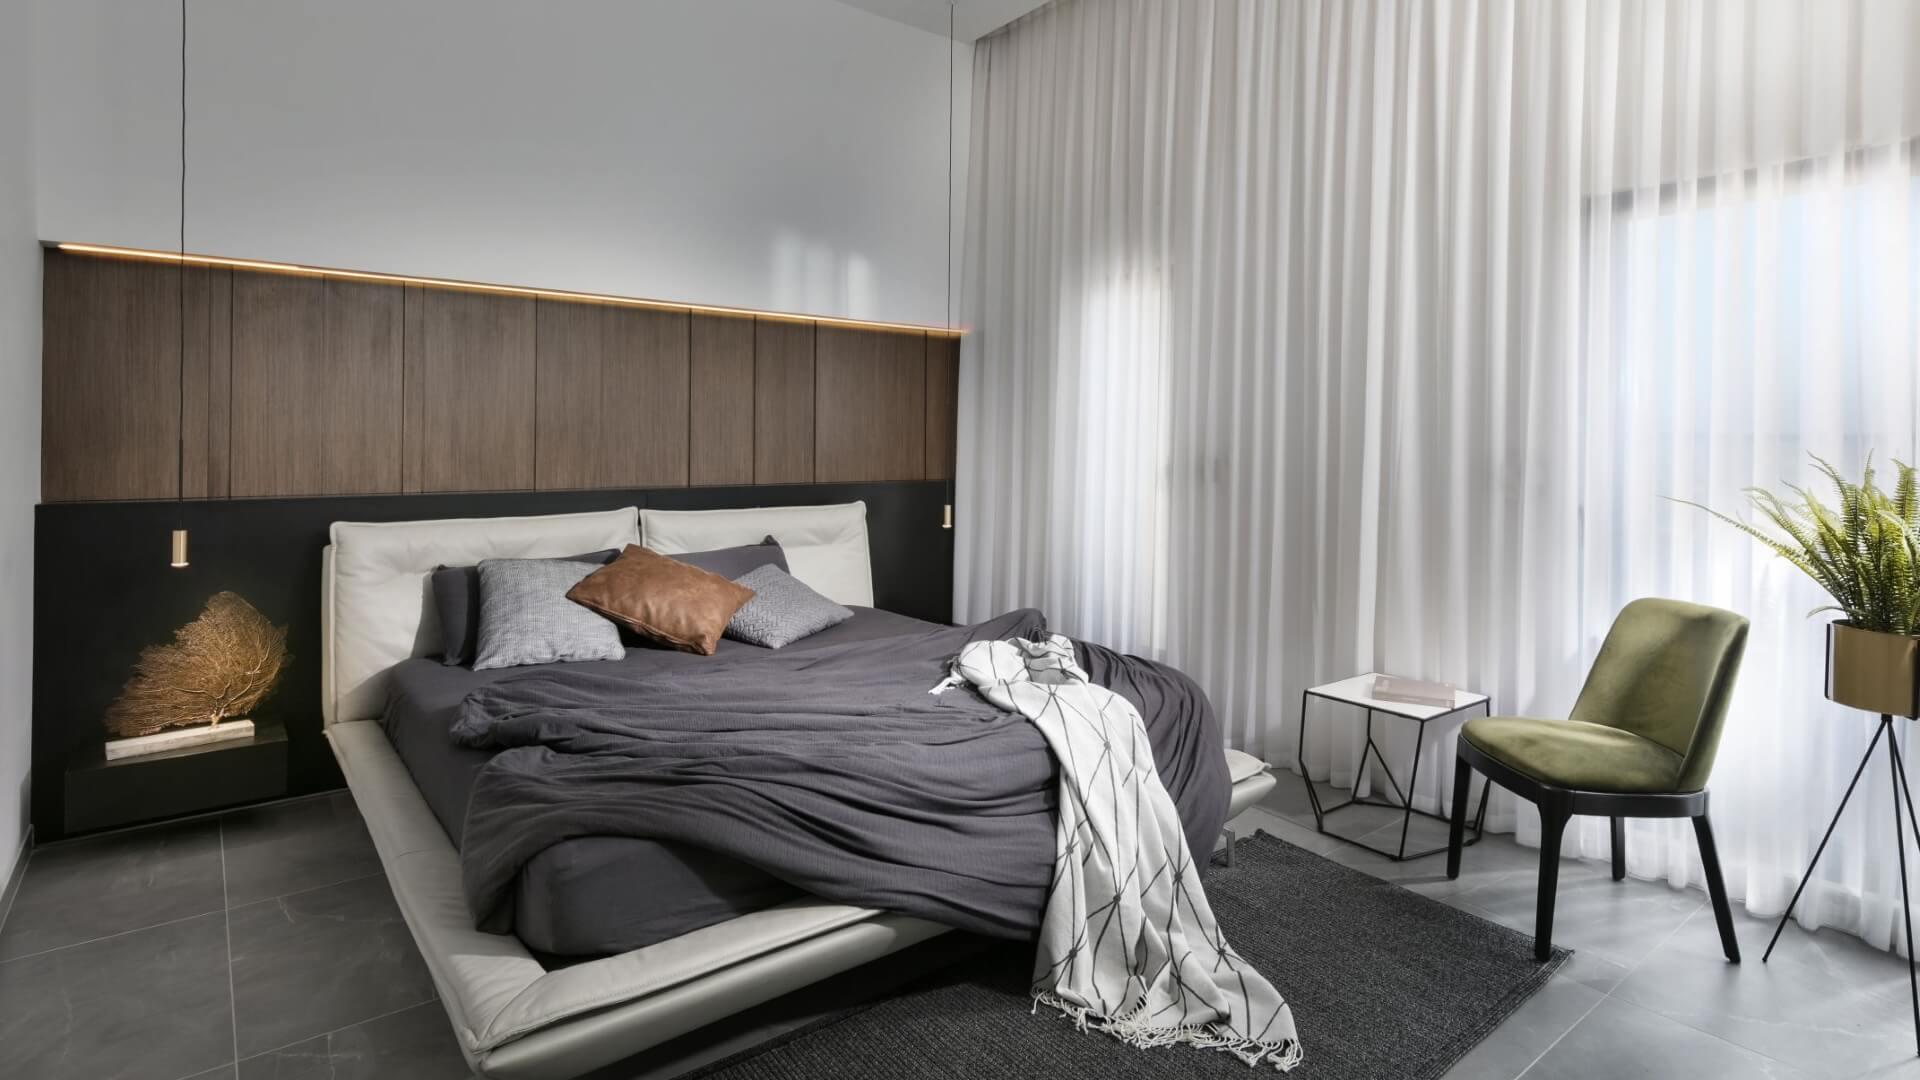 ריצוף גרניט פורצלן לחדר שינה